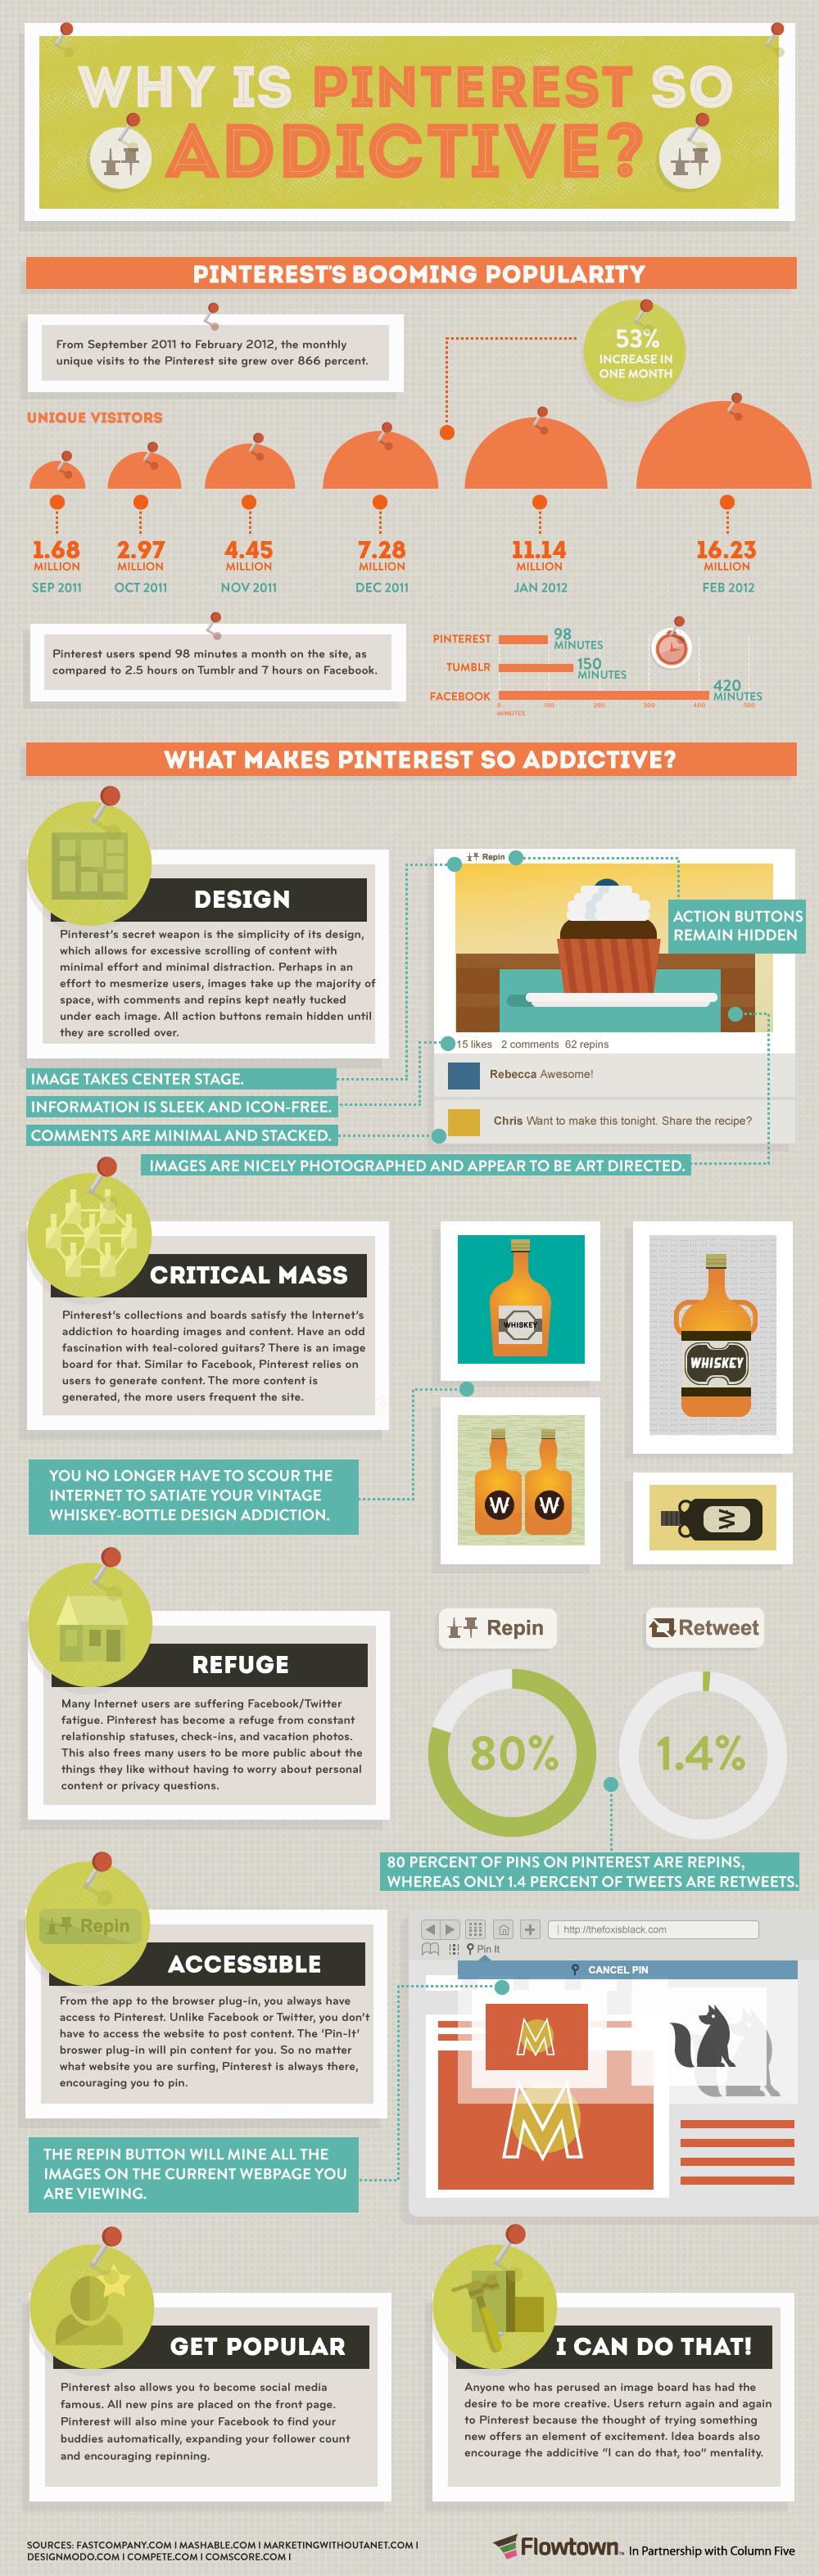 ¿Por qué Pinterest es tan adictivo? #infografia #infographic #socialmedia   TICs y Formación